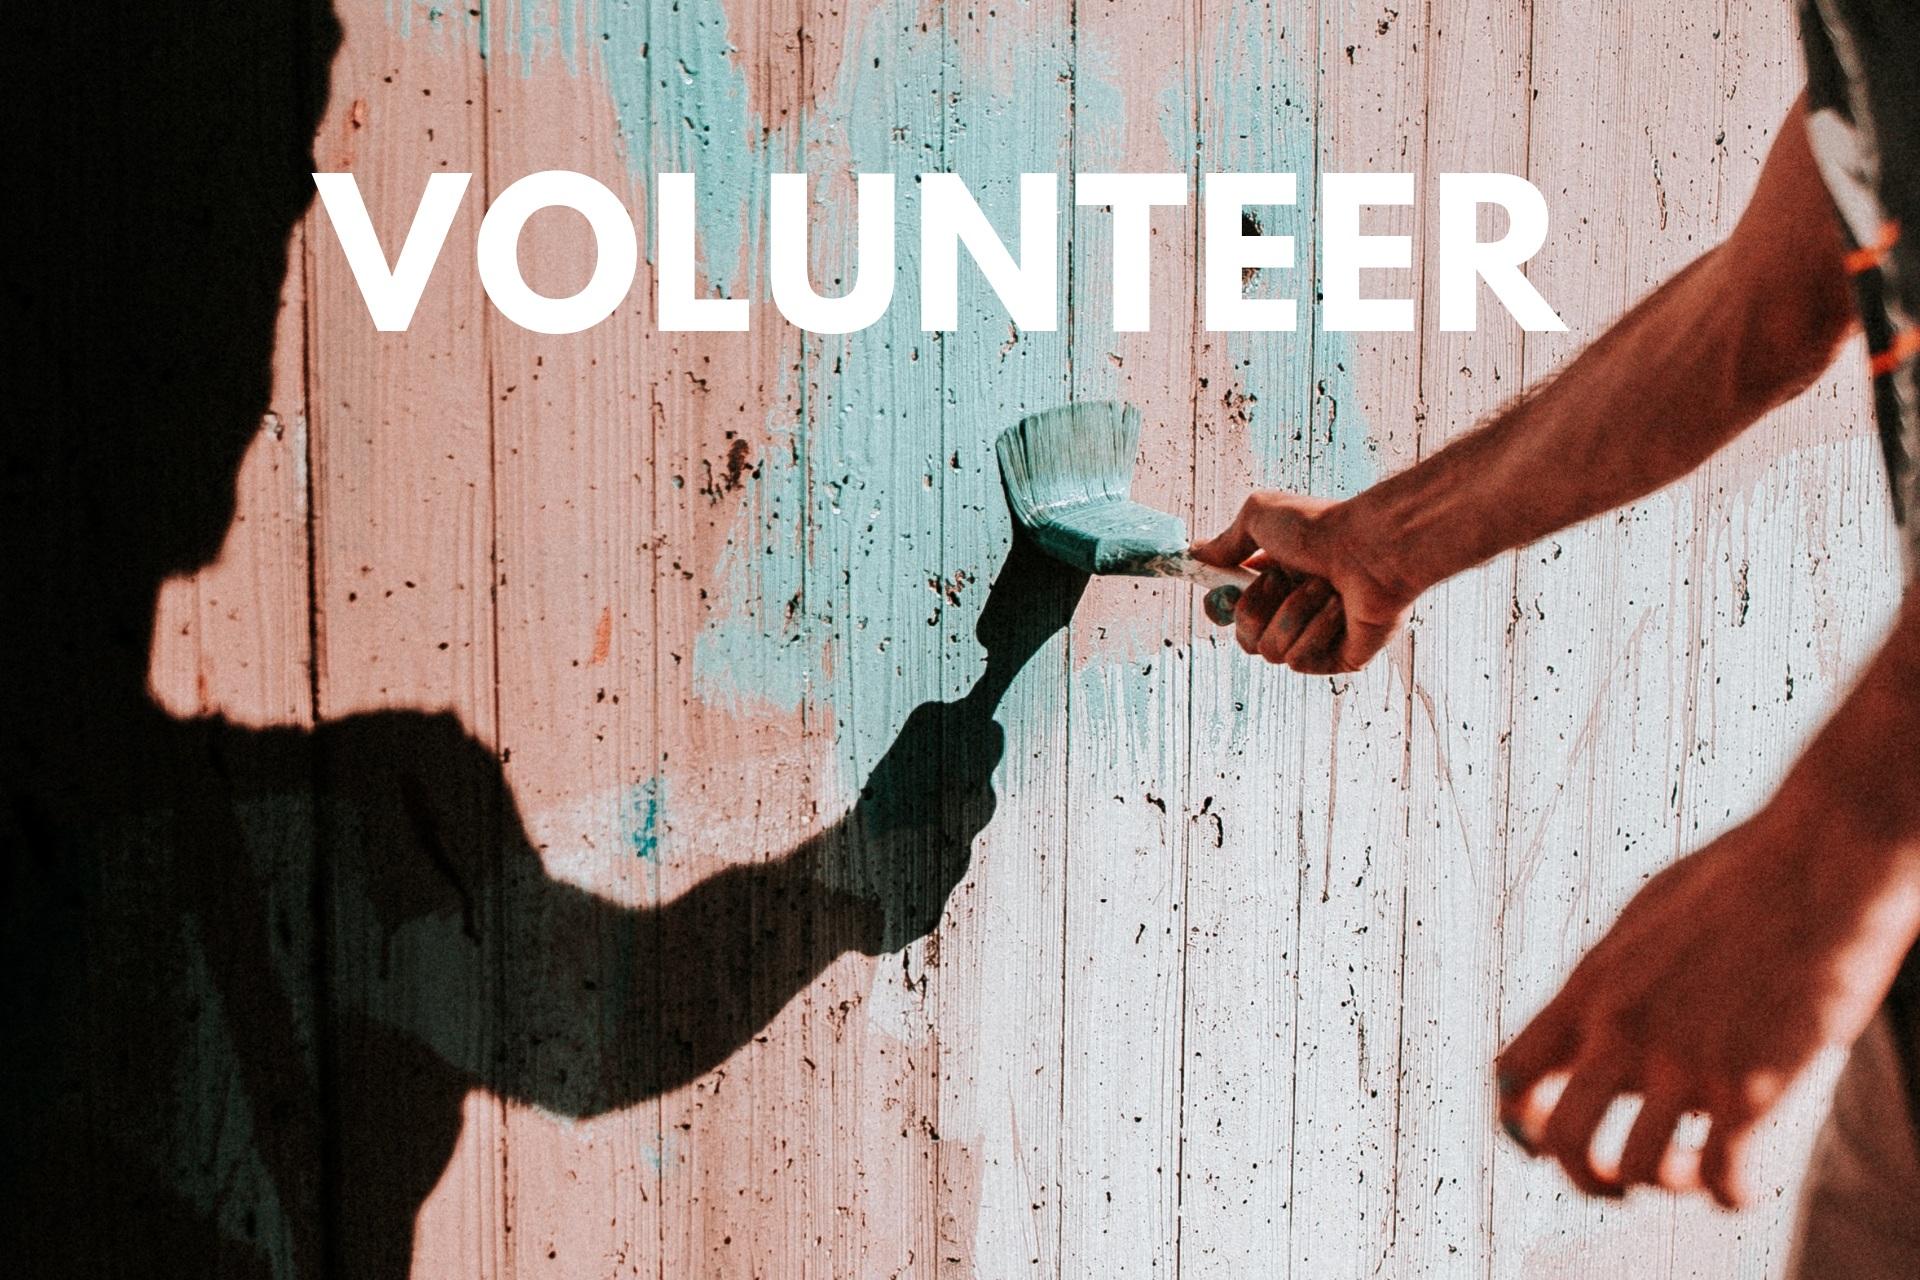 volunteer+%281%29.jpg